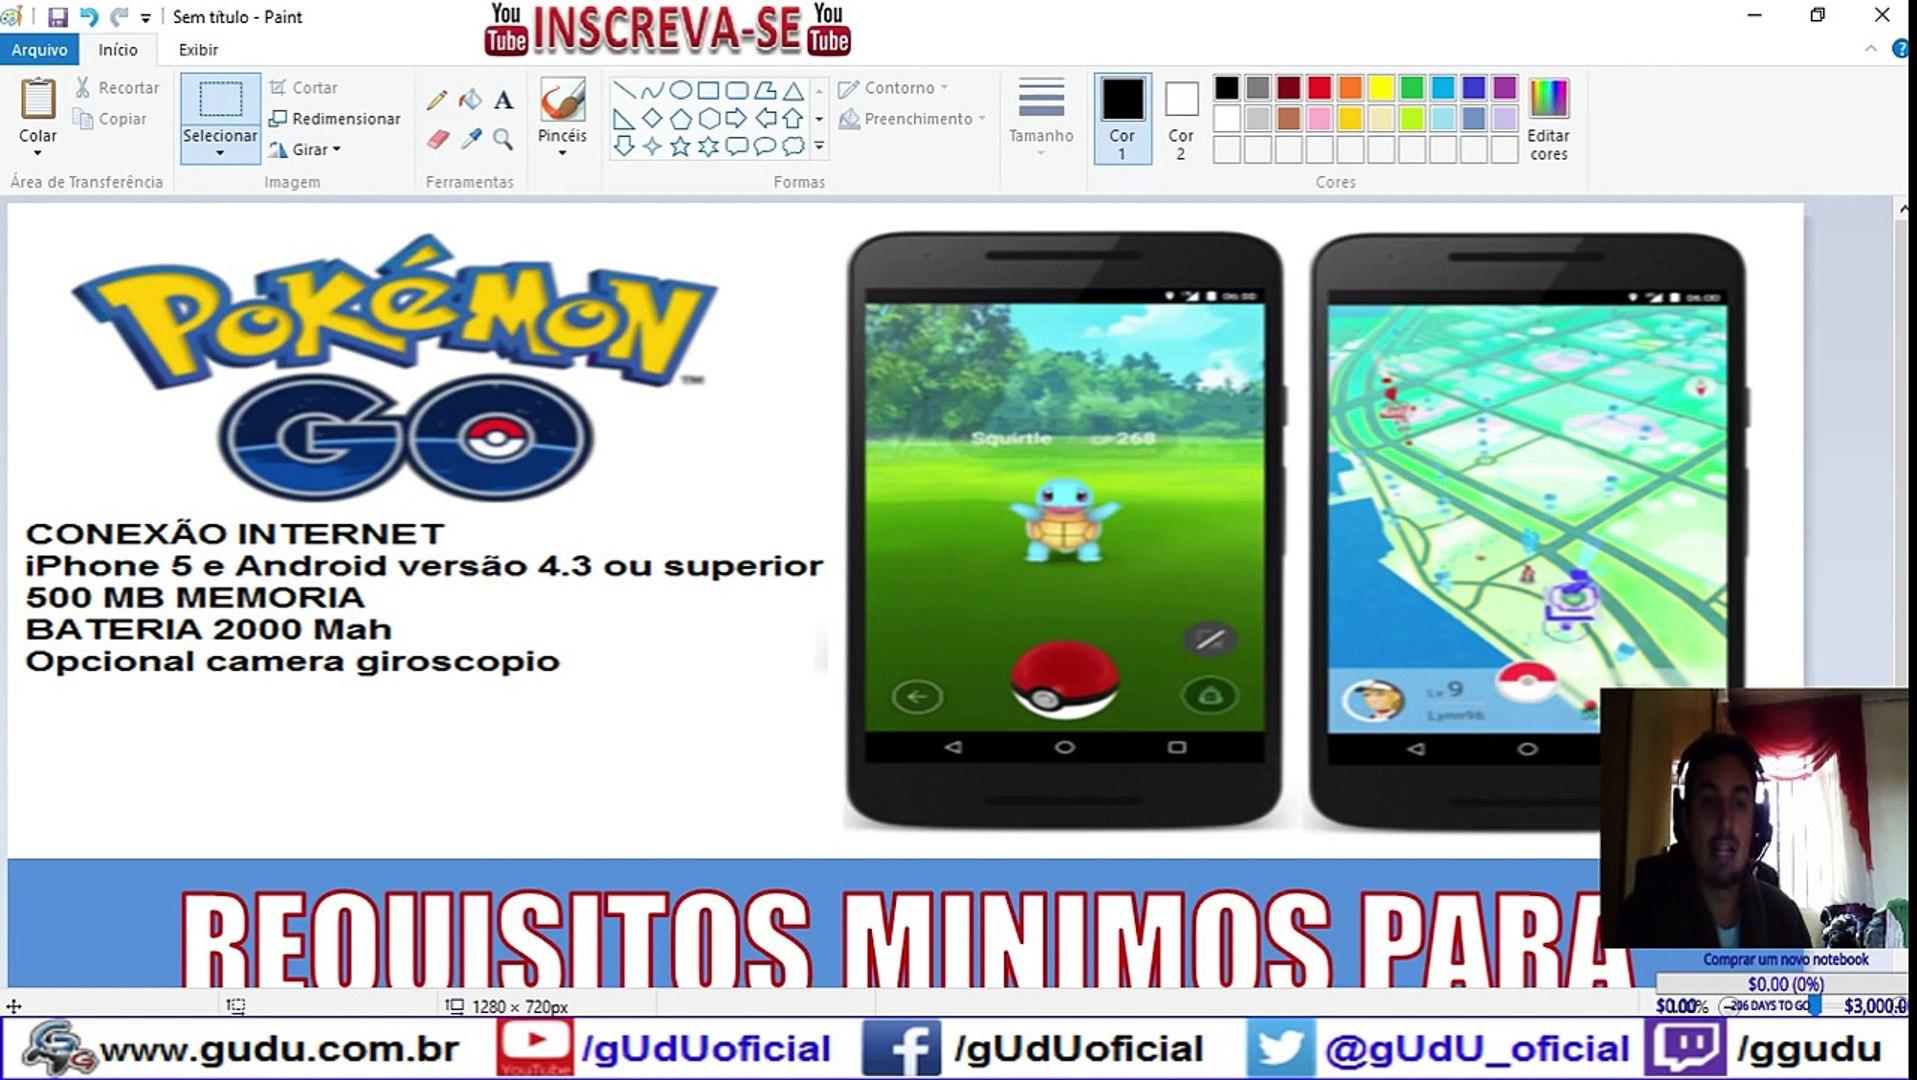 Requisitos minimos para jogar Pokémon GO Diário de um Mestre Pokémon | Pokémon GO